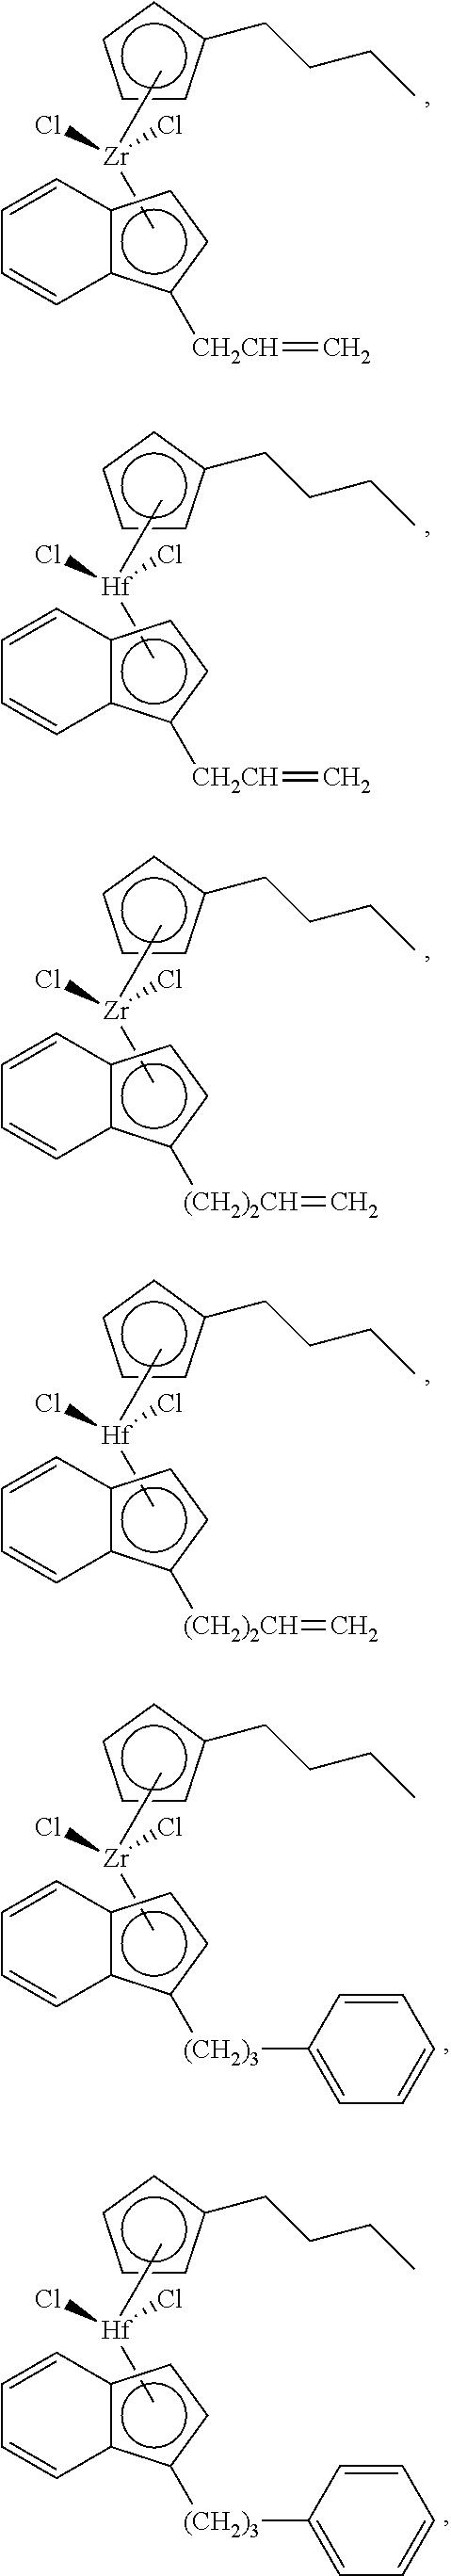 Figure US09273159-20160301-C00007